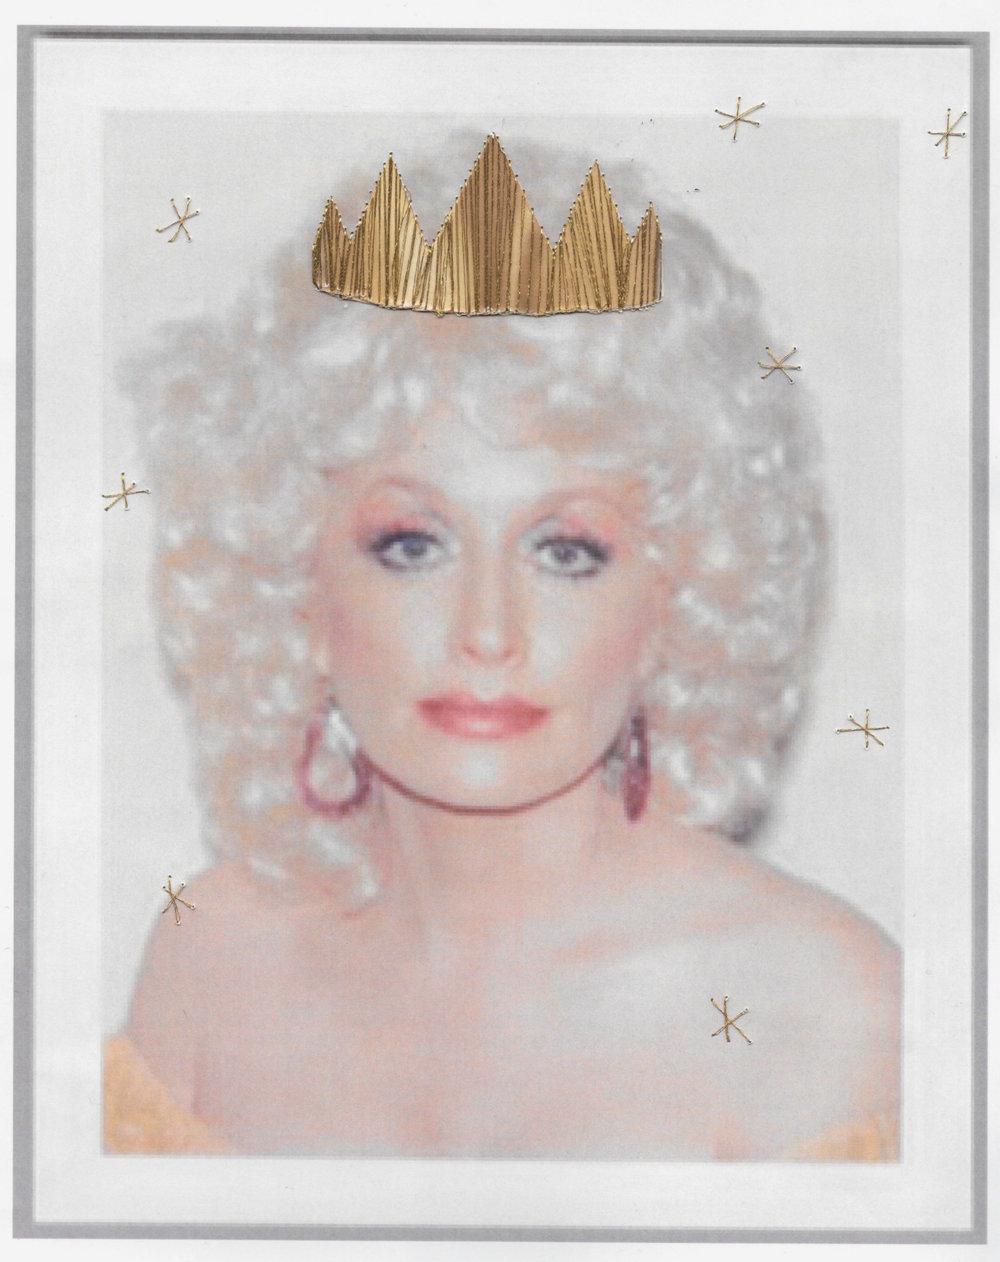 Original polaroid by Andy Warhol.